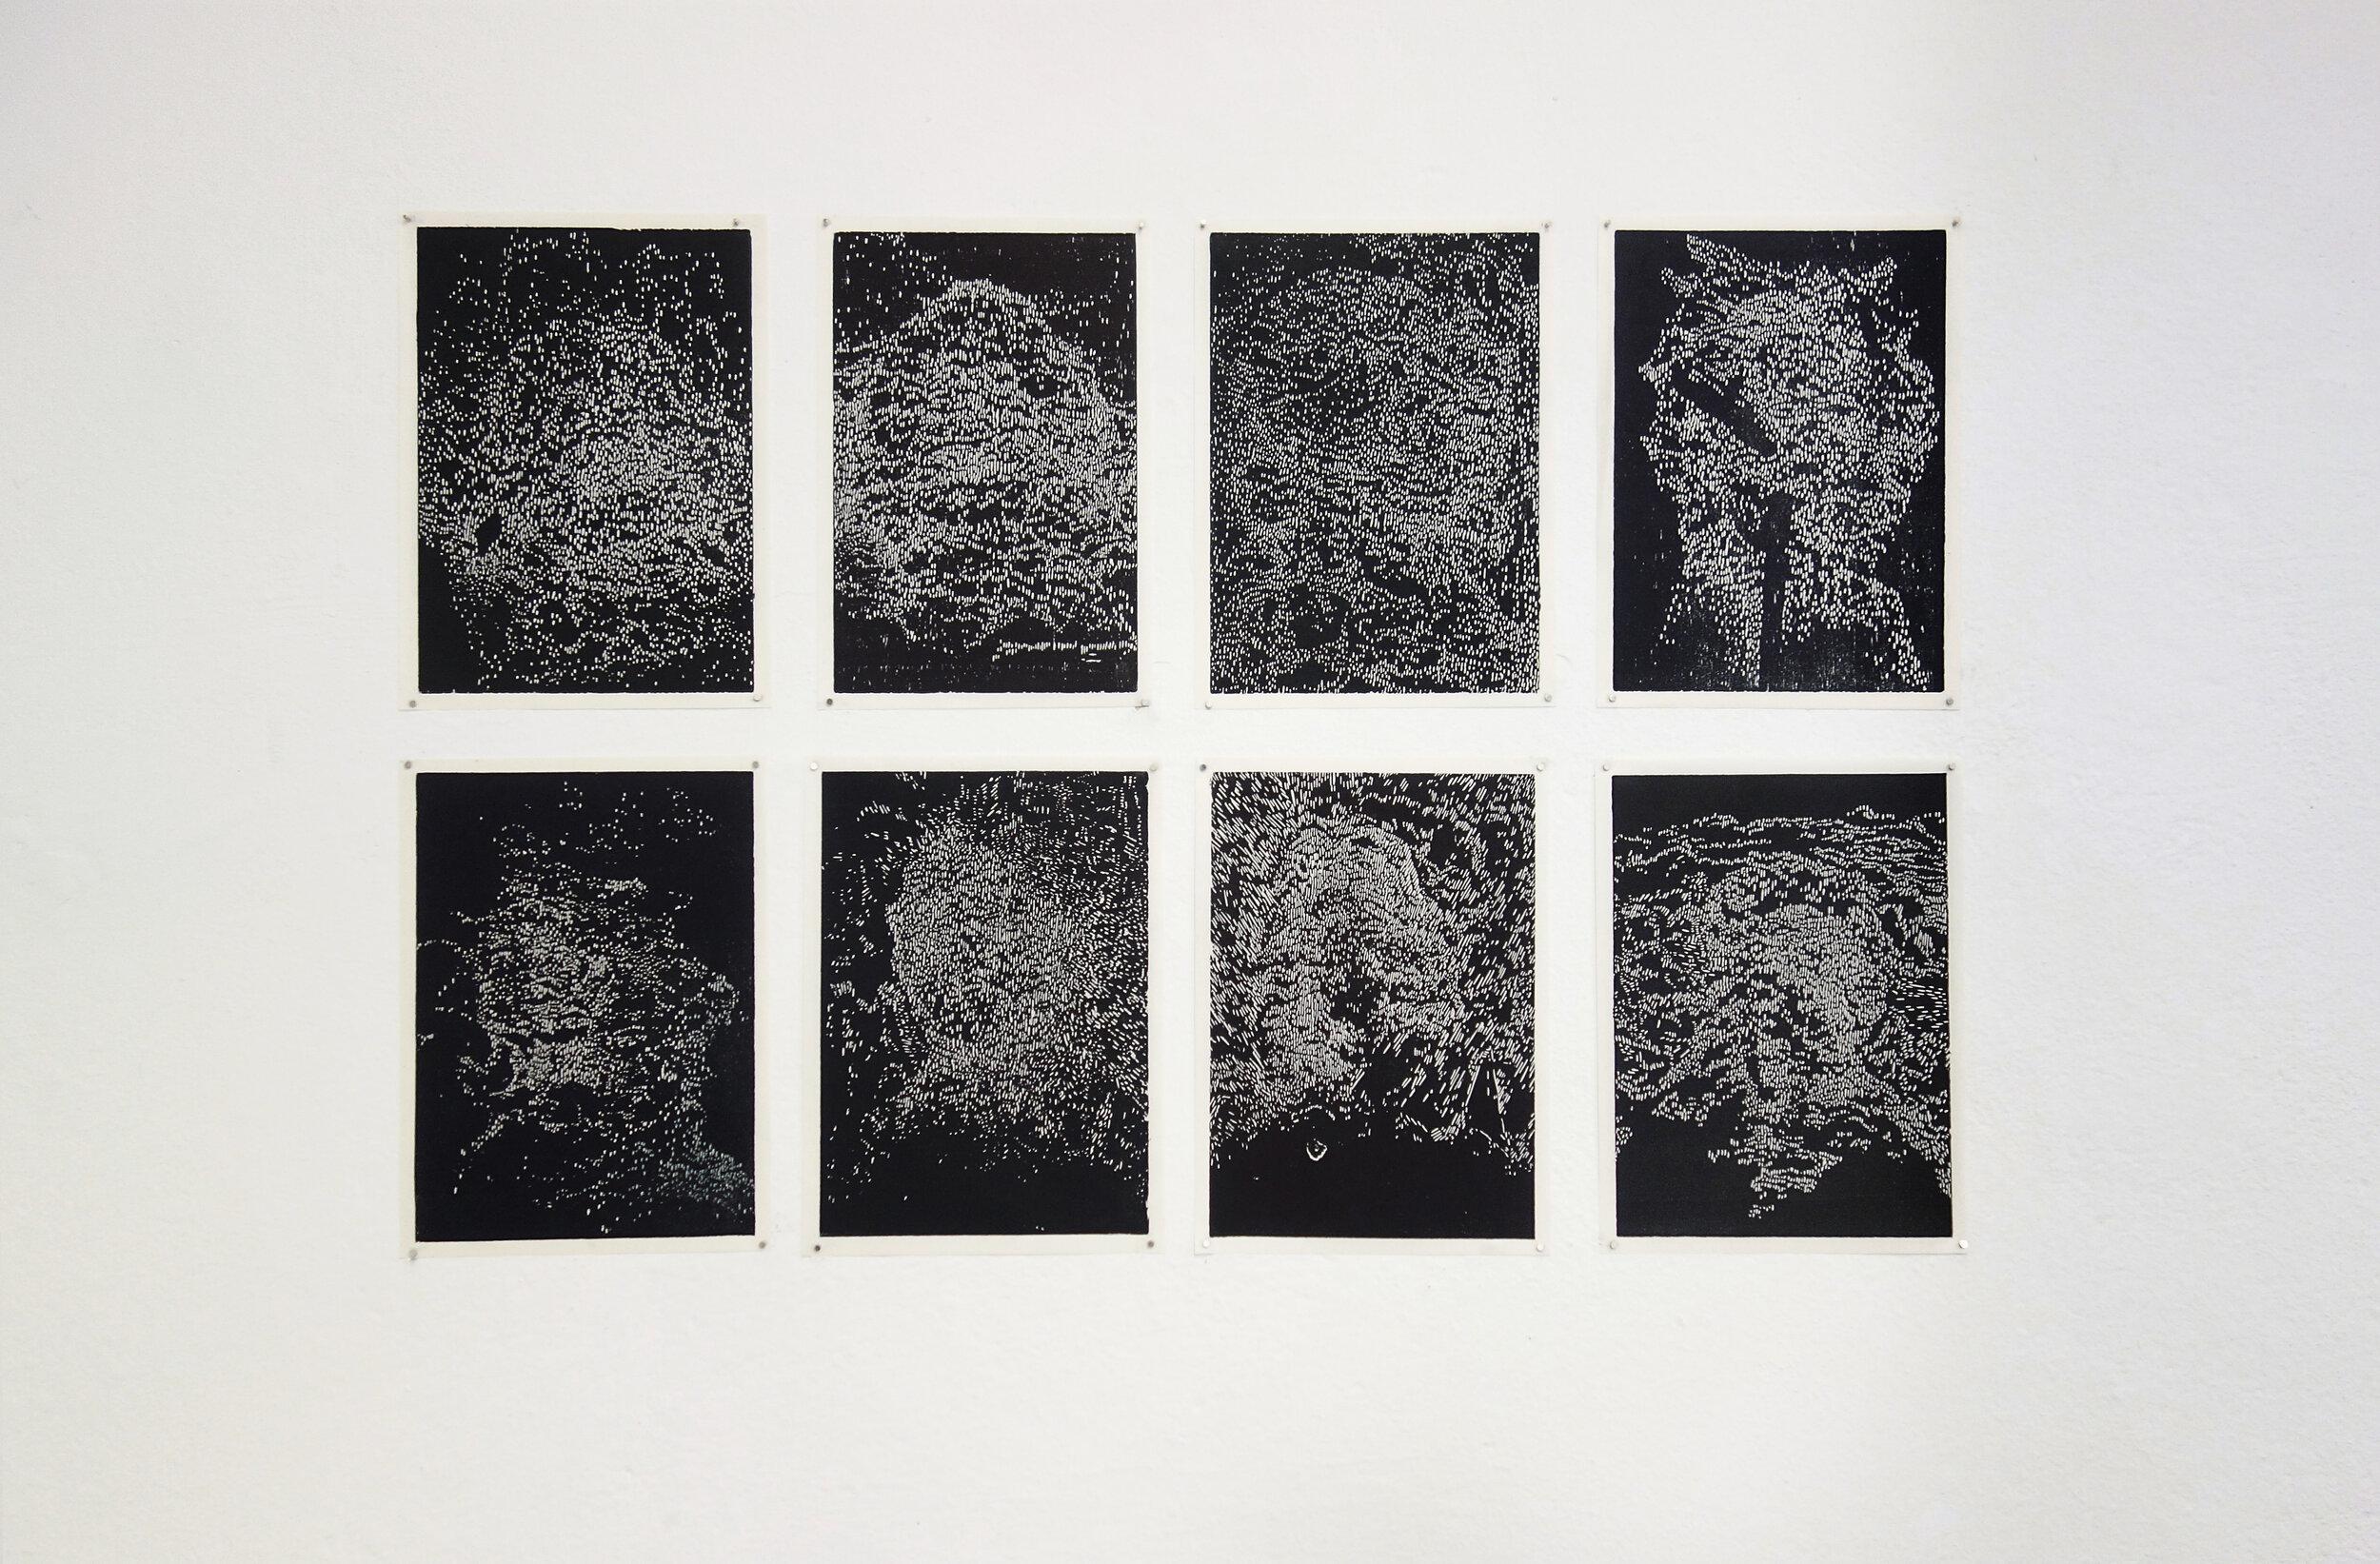 Spirits,  2018, Linda Pense, 8 x woodcut prints, 15 x 20cm